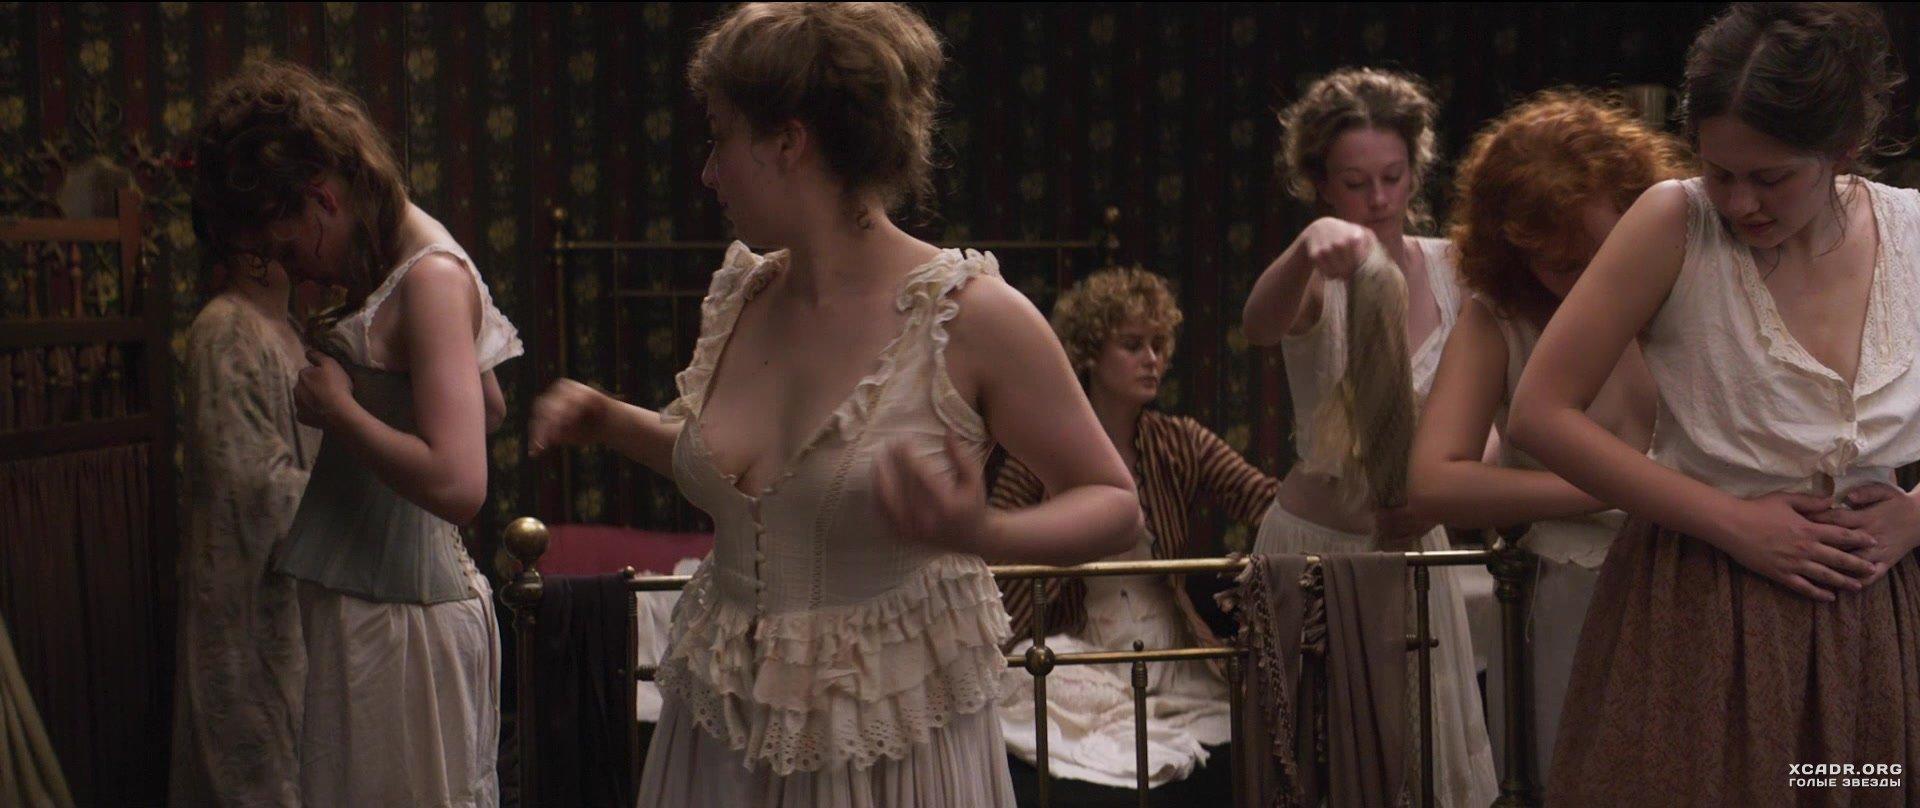 туалет смотреть в онлайне фильм про проституток очень даже